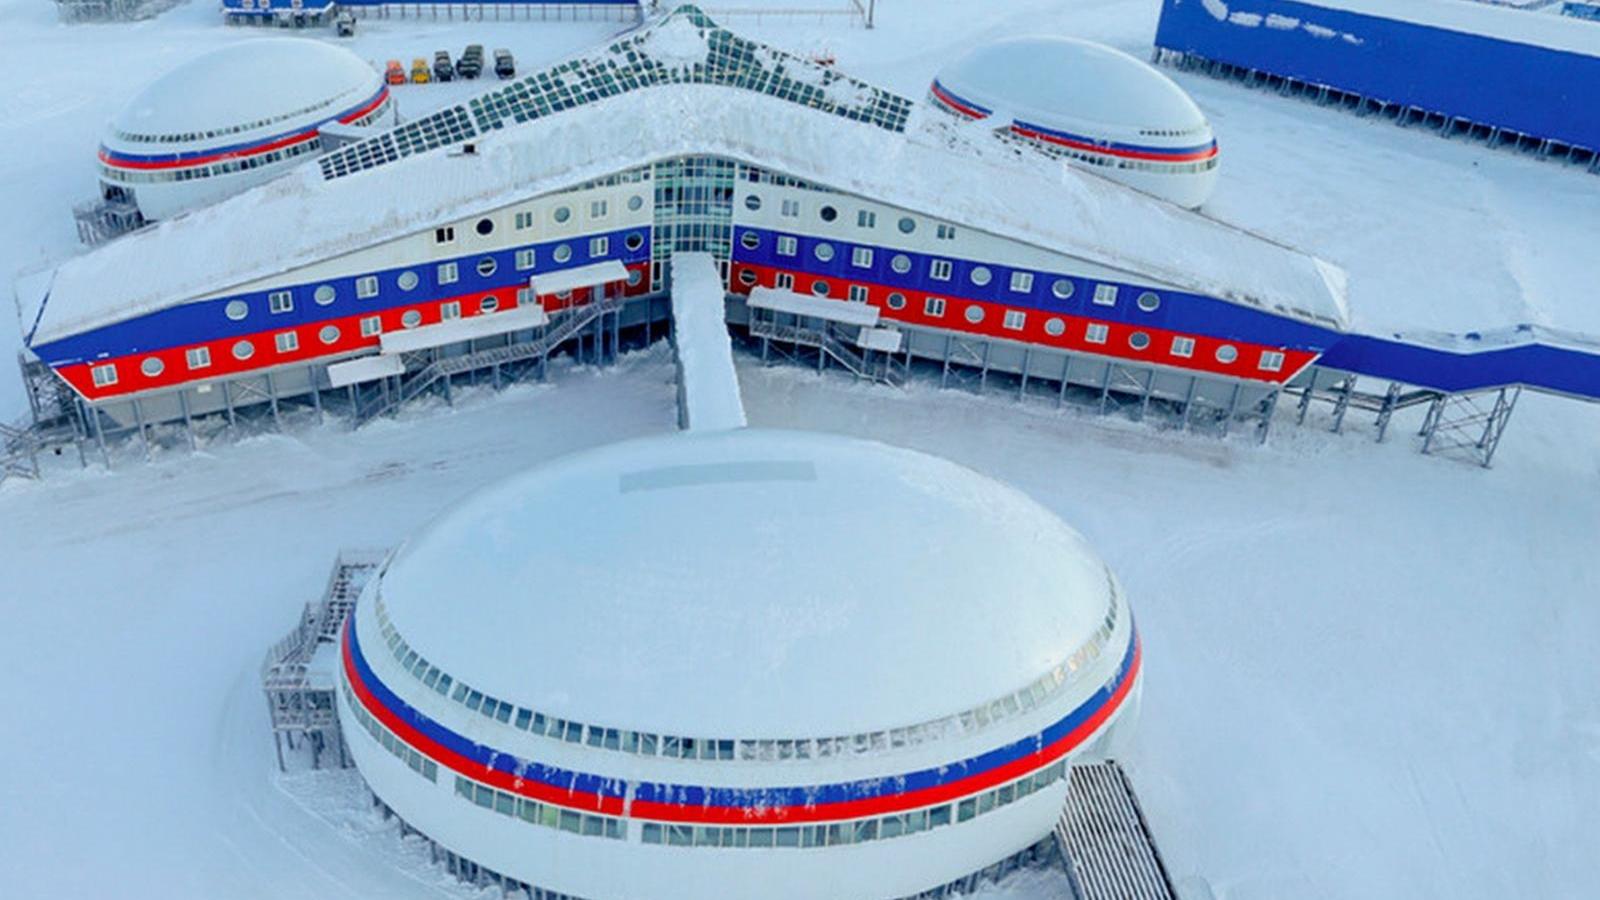 Căn cứ quân sự giúp Nga phô trương sức mạnh ở Bắc Cực